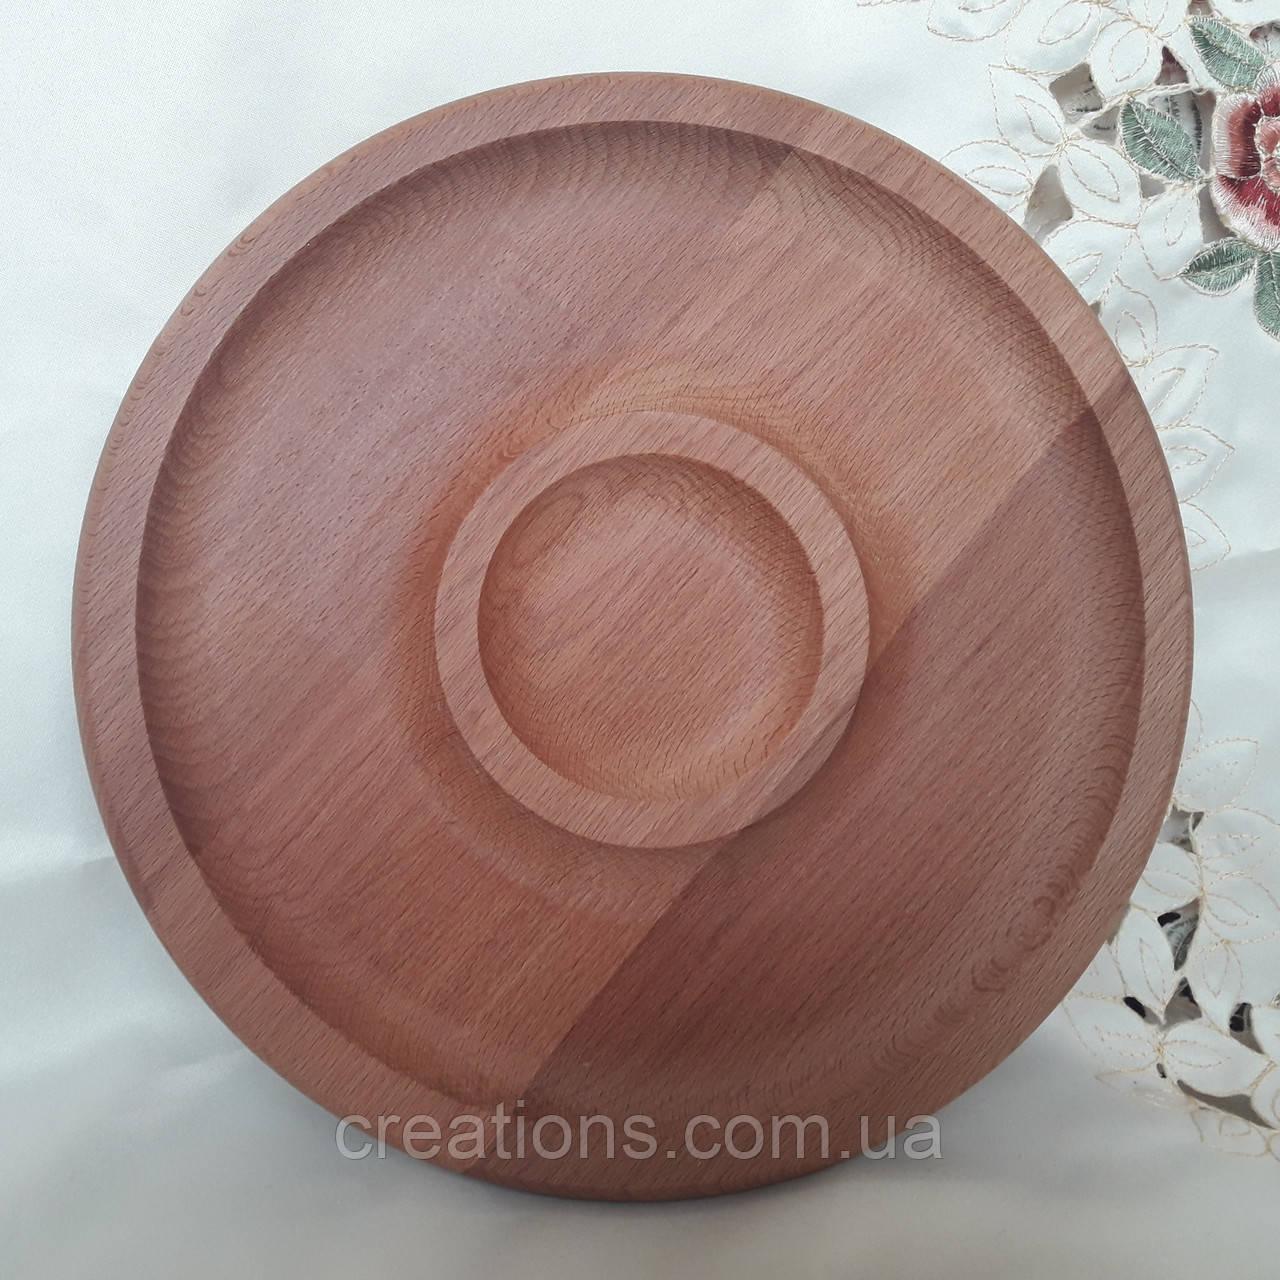 Менажница деревянная 30 см. круглая с соусницей из бука БМ-44